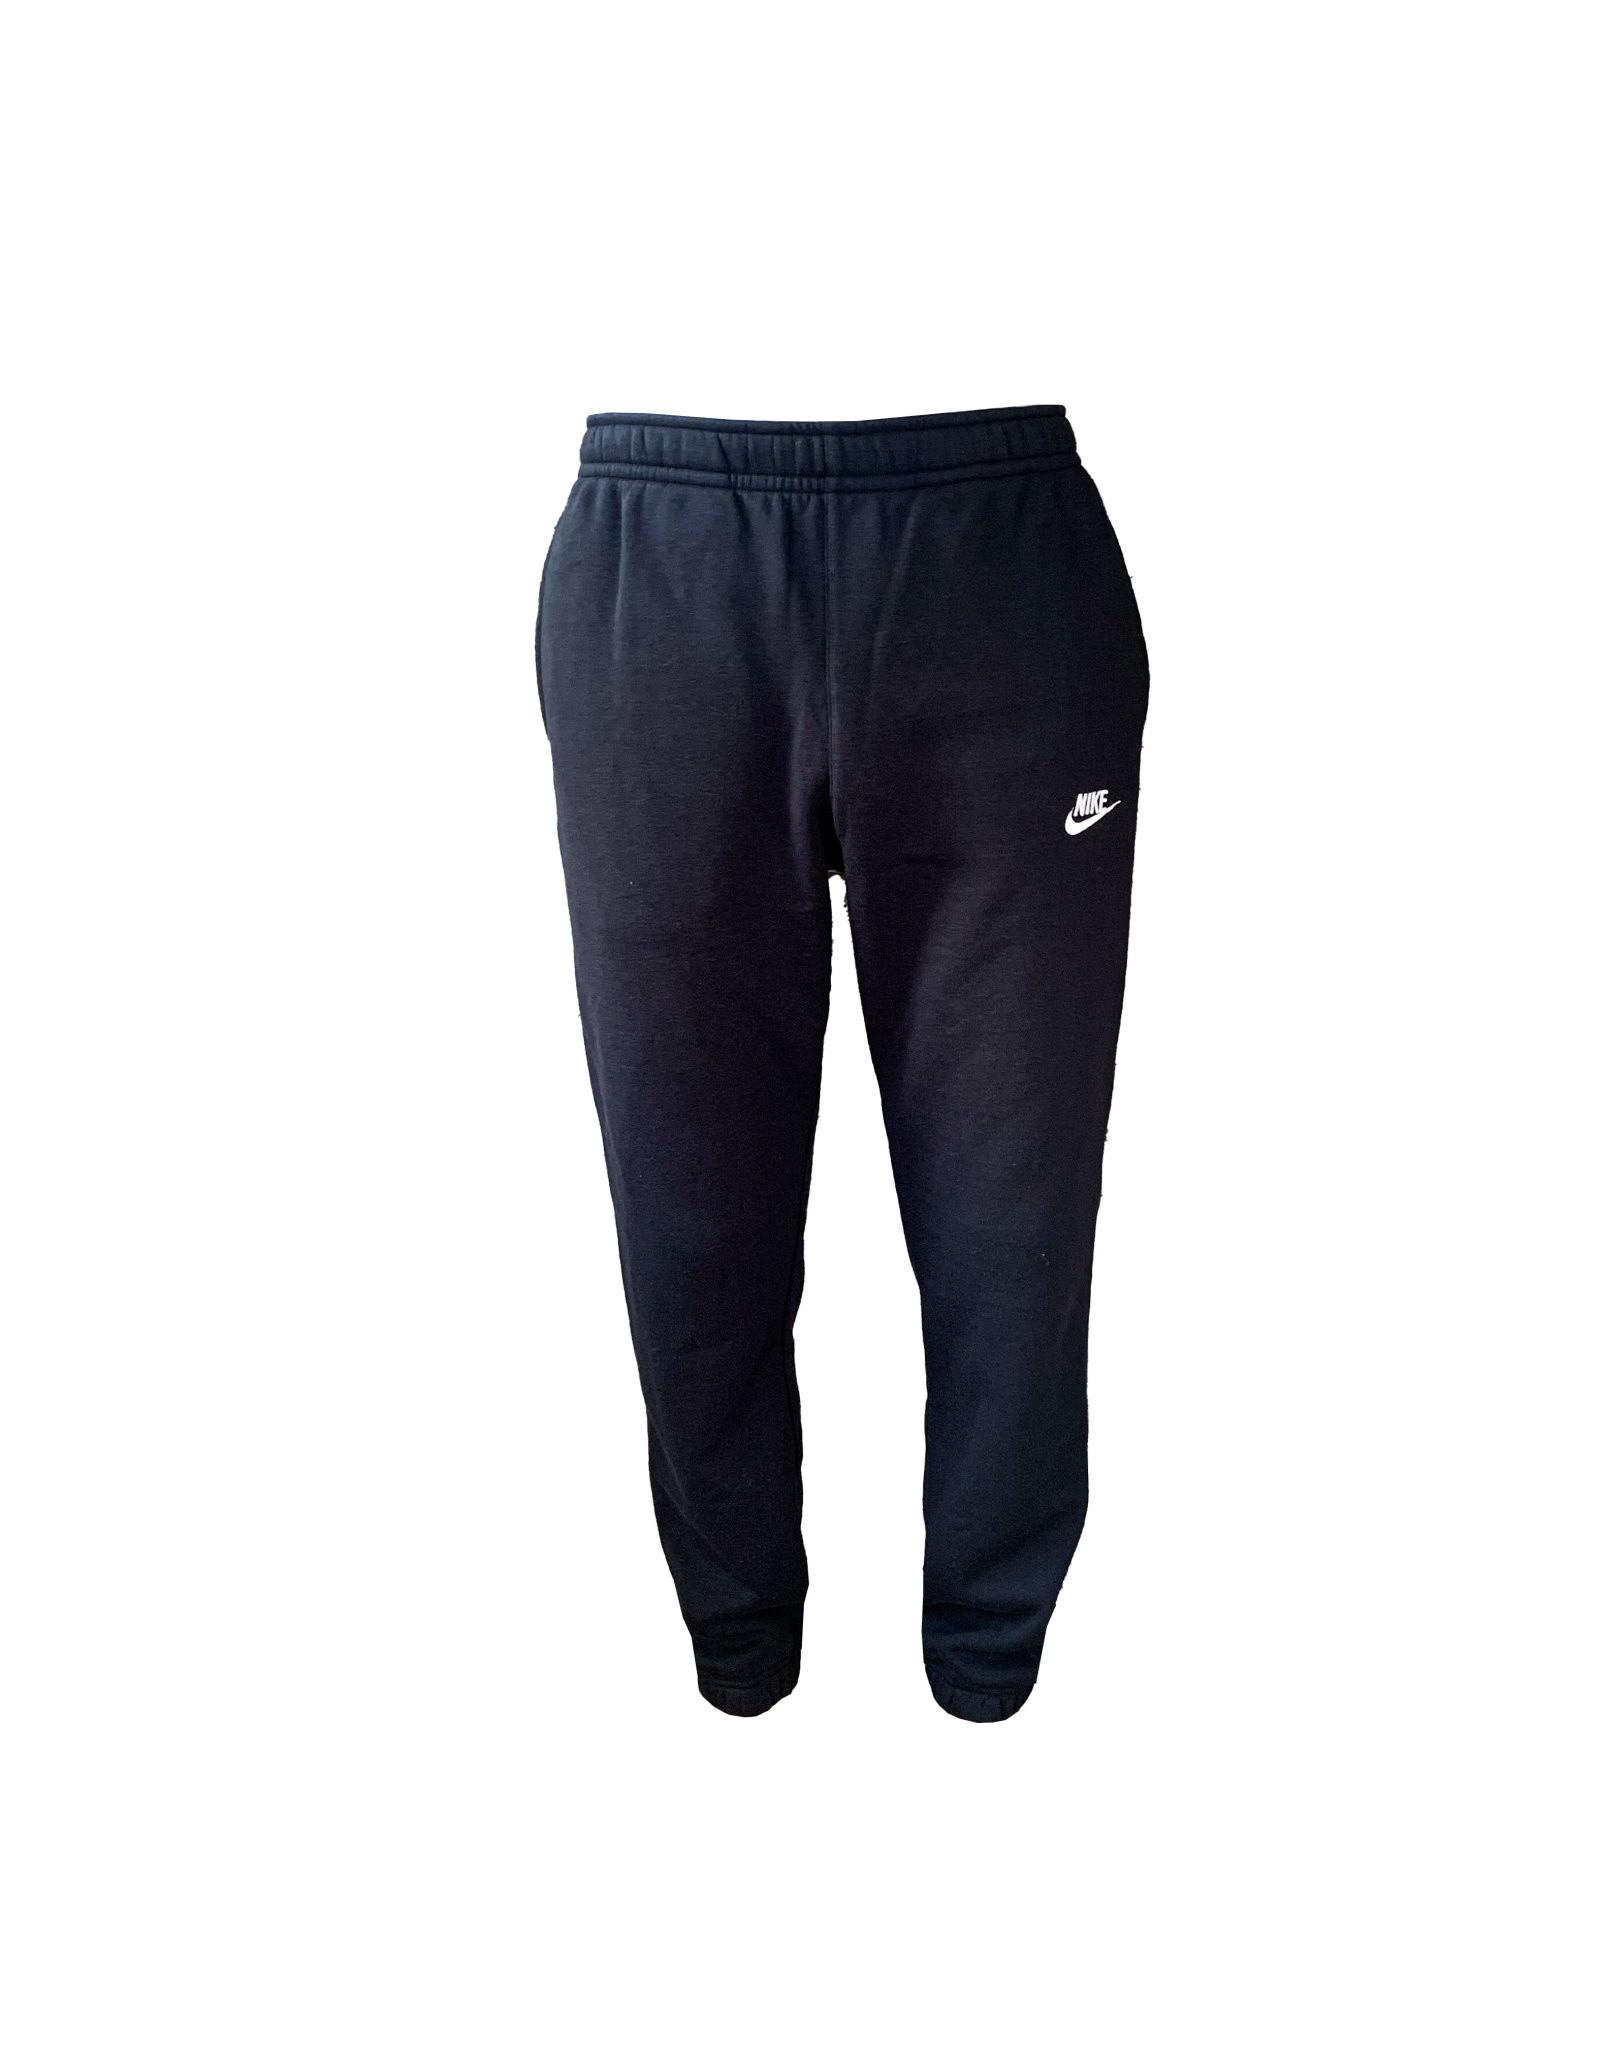 NIKE Nike Msn's  Pants Size M